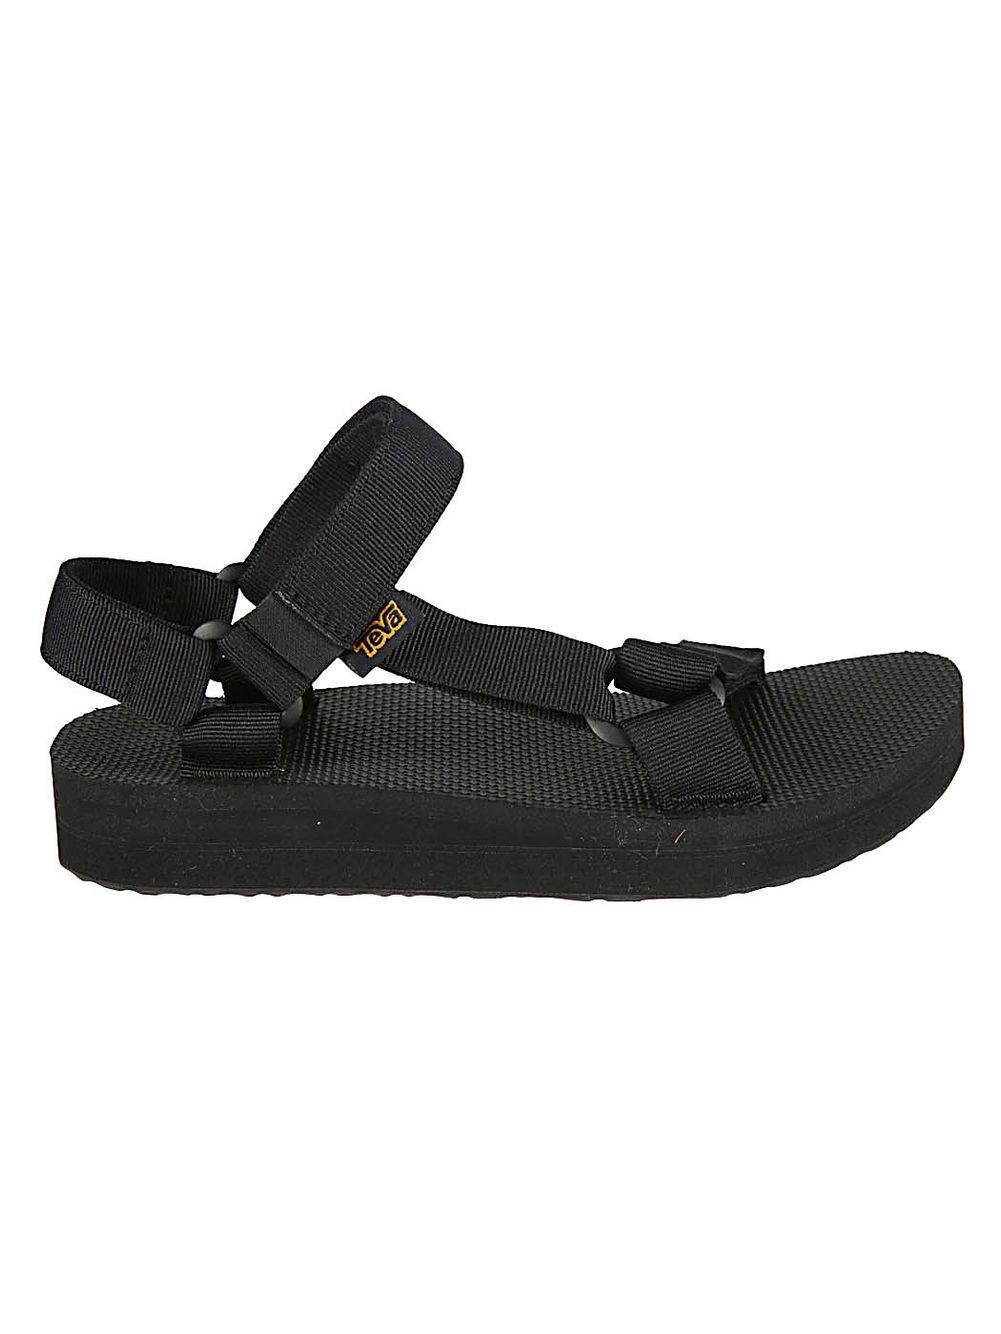 Sandalo mid universal